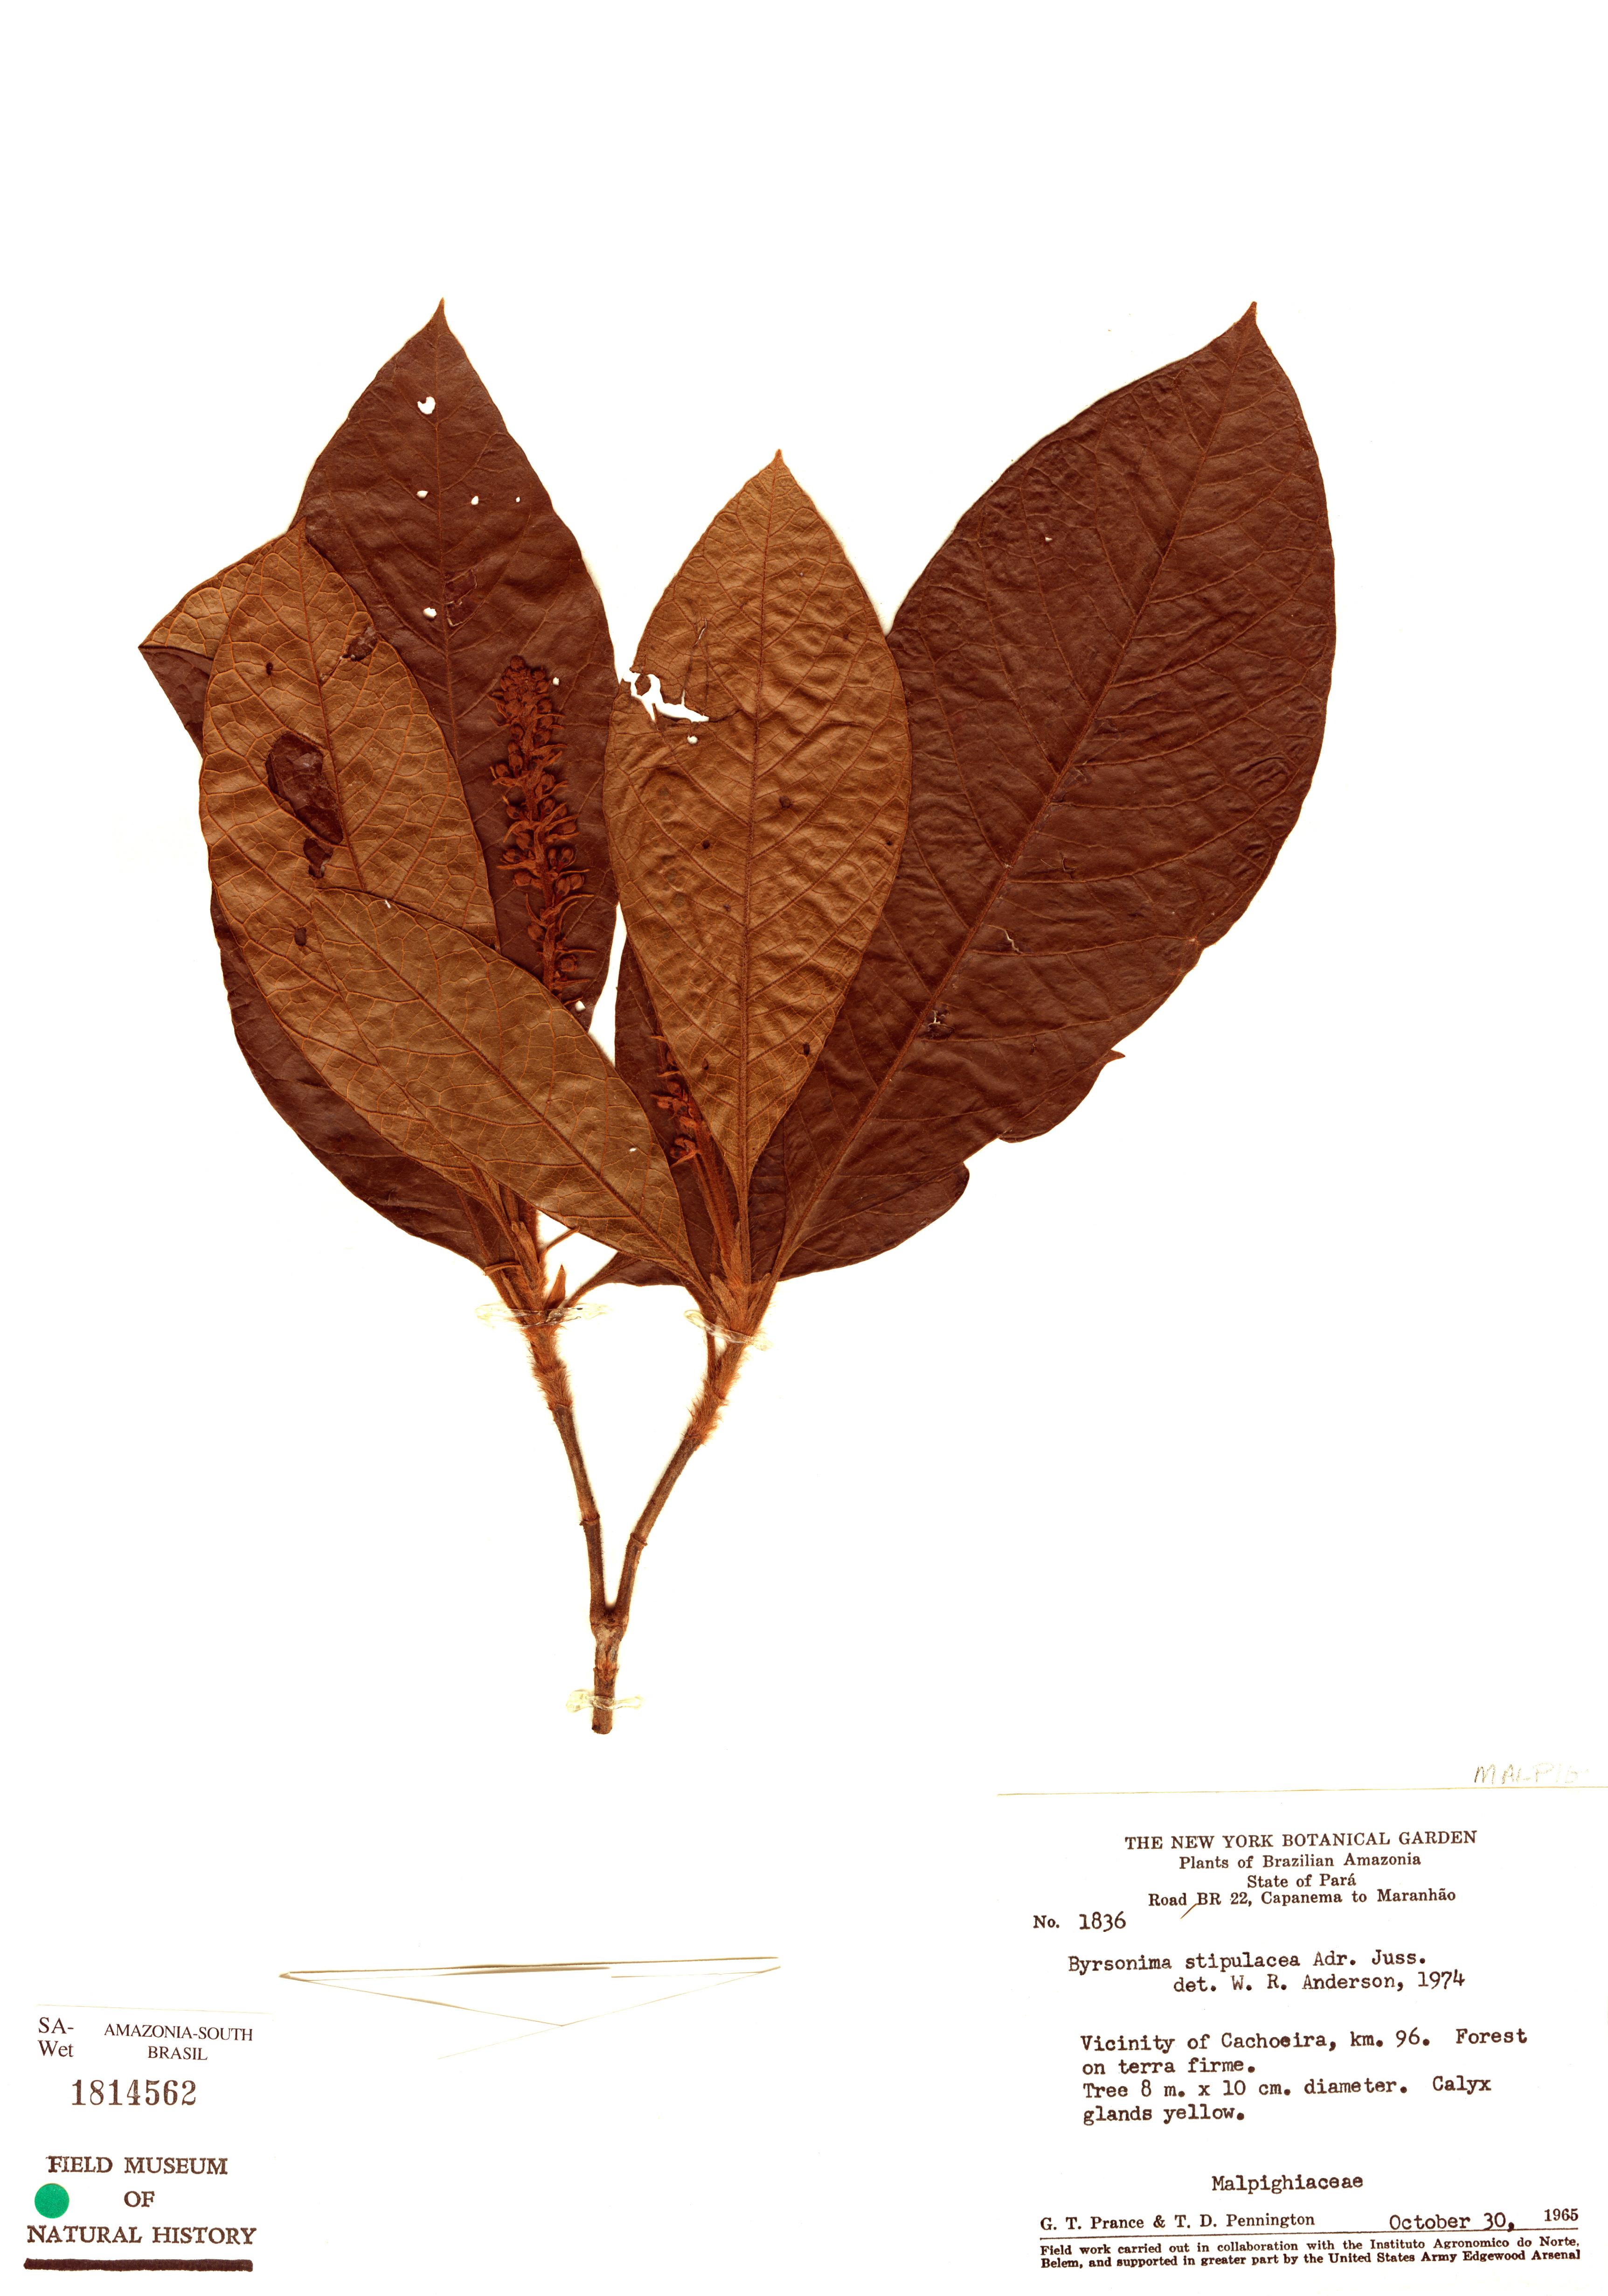 Specimen: Byrsonima stipulacea